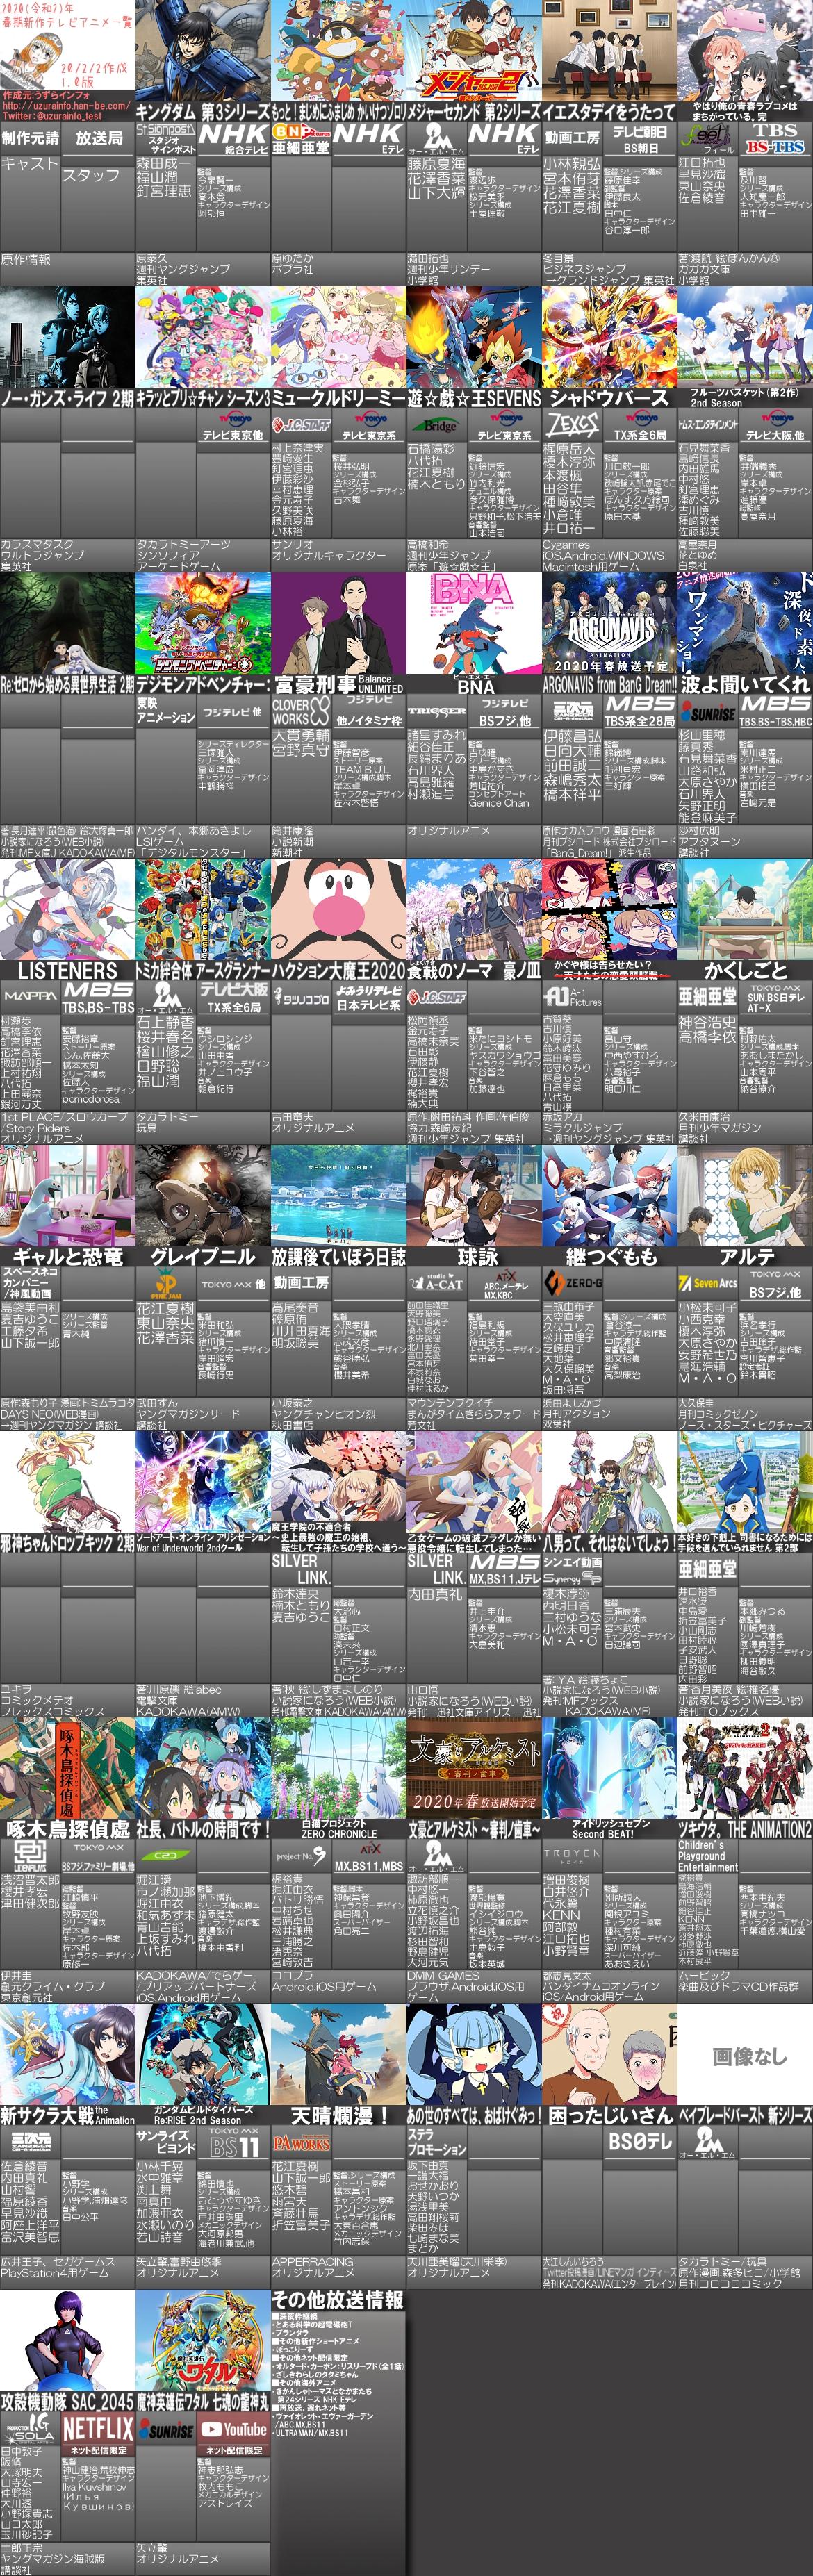 覇権 2020 春アニメ